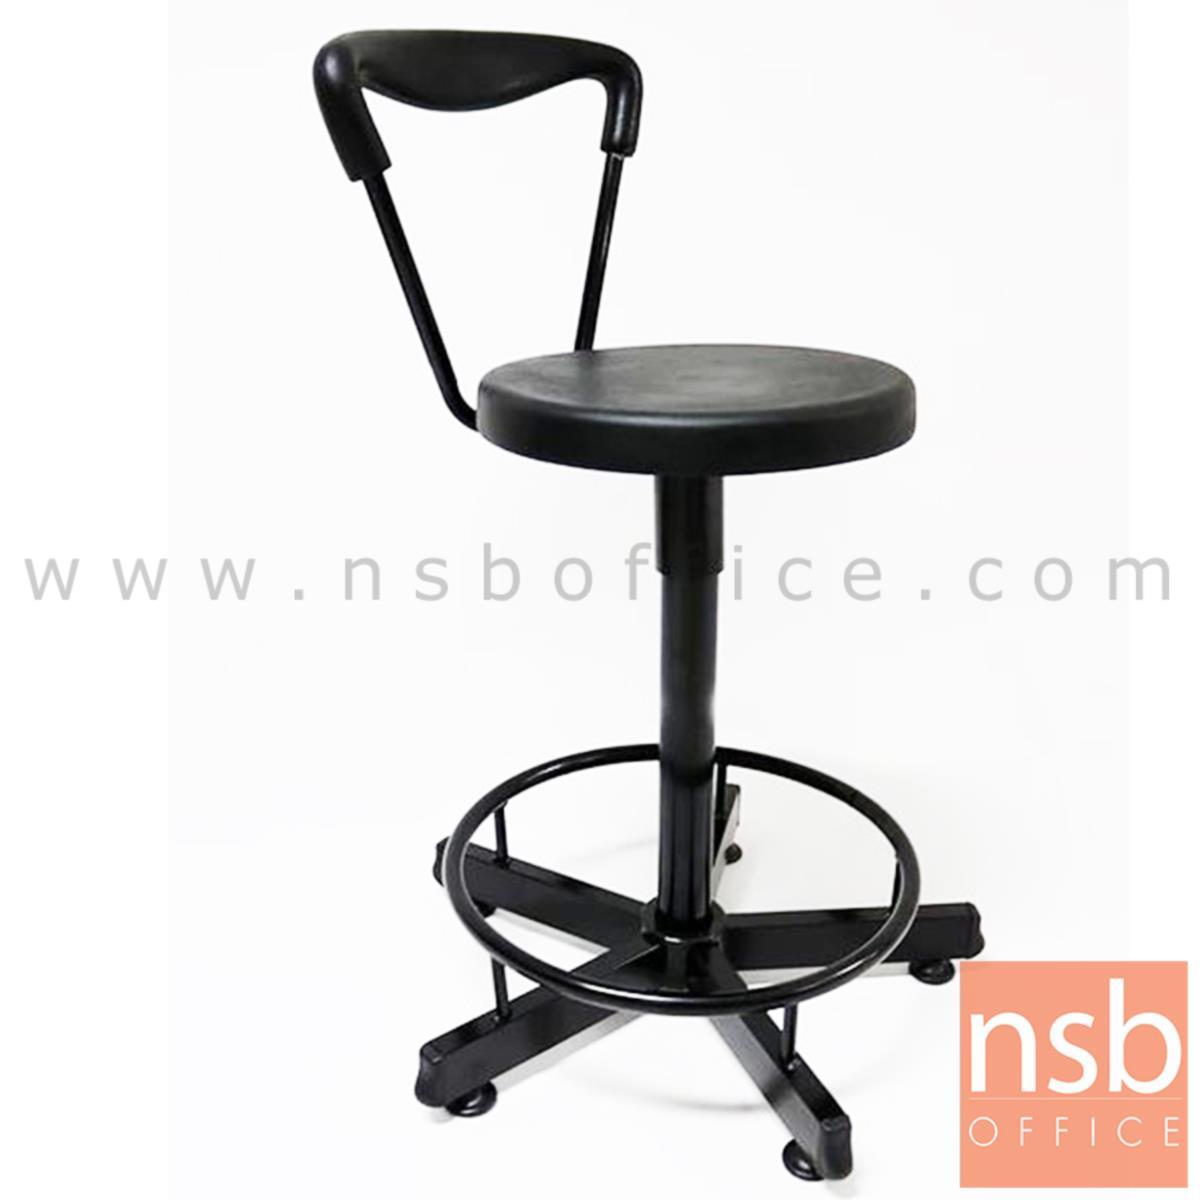 B09A067:เก้าอี้บาร์สตูลที่นั่งกลม รุ่น Rutherford (รัทเทอร์ฟอร์ด)  ขาเหล็กกล่อง